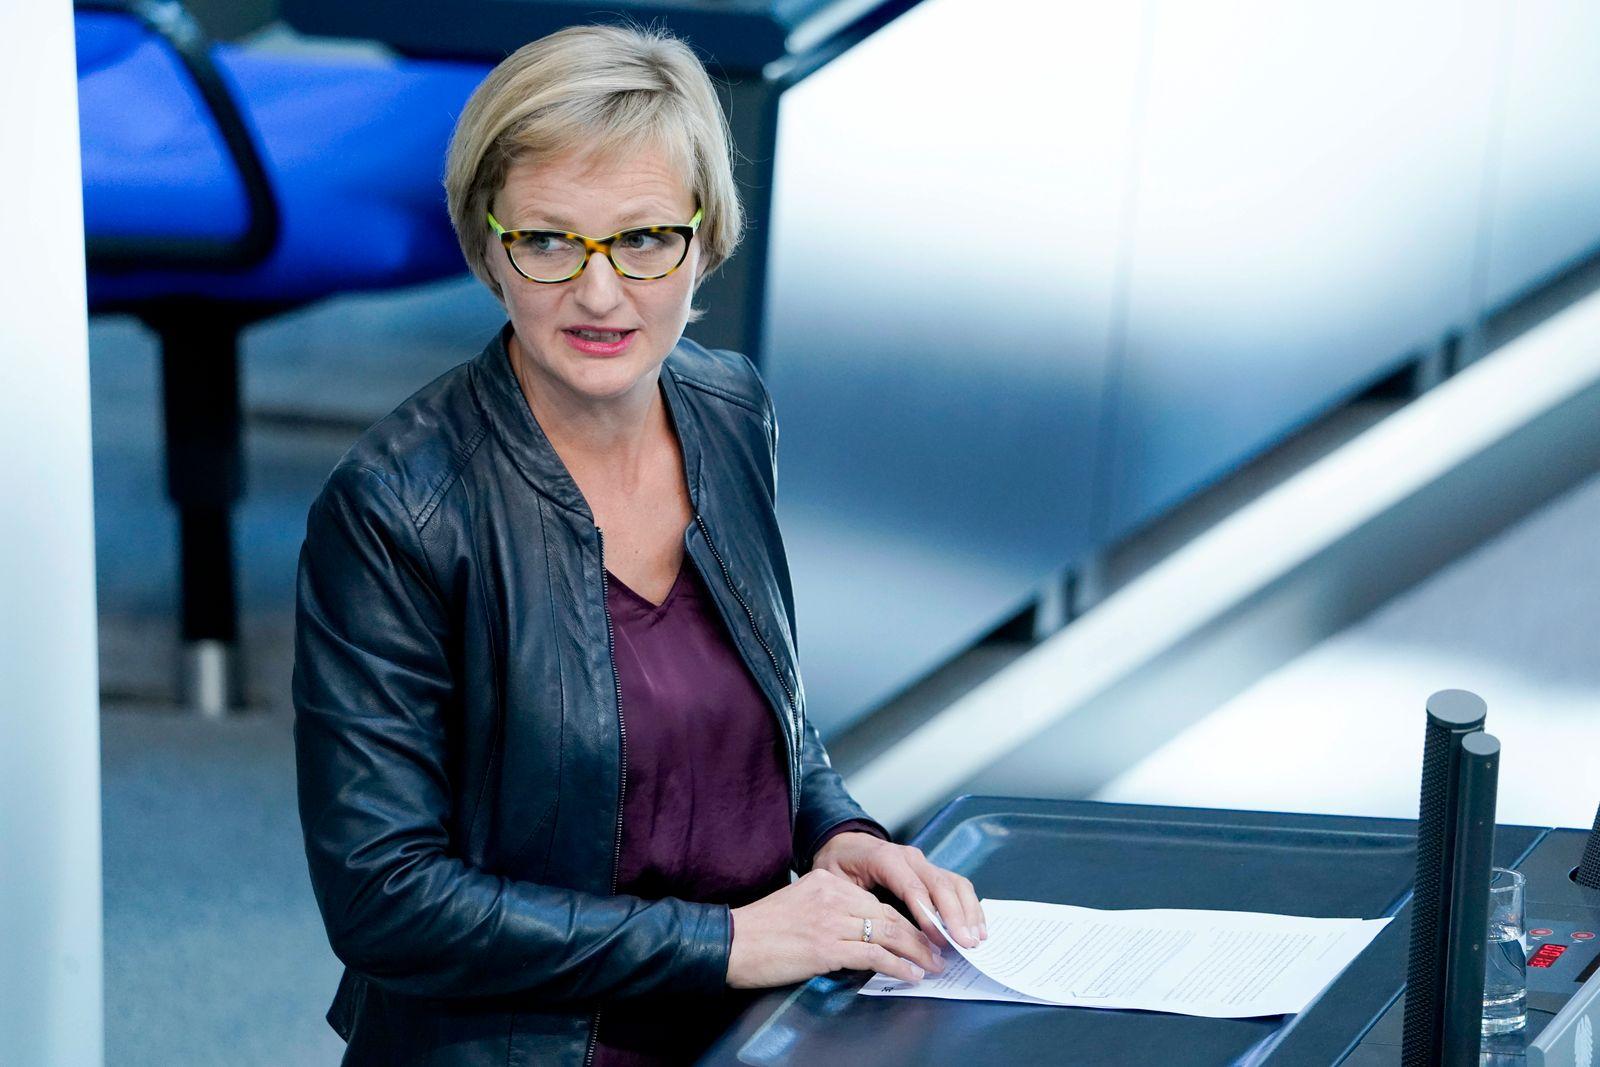 179. Bundestagssitzung im Reichstag in Berlin Aktuell, 30.09.2020, Berlin Dr. Franziska Brantner im Portrait bei ihrer